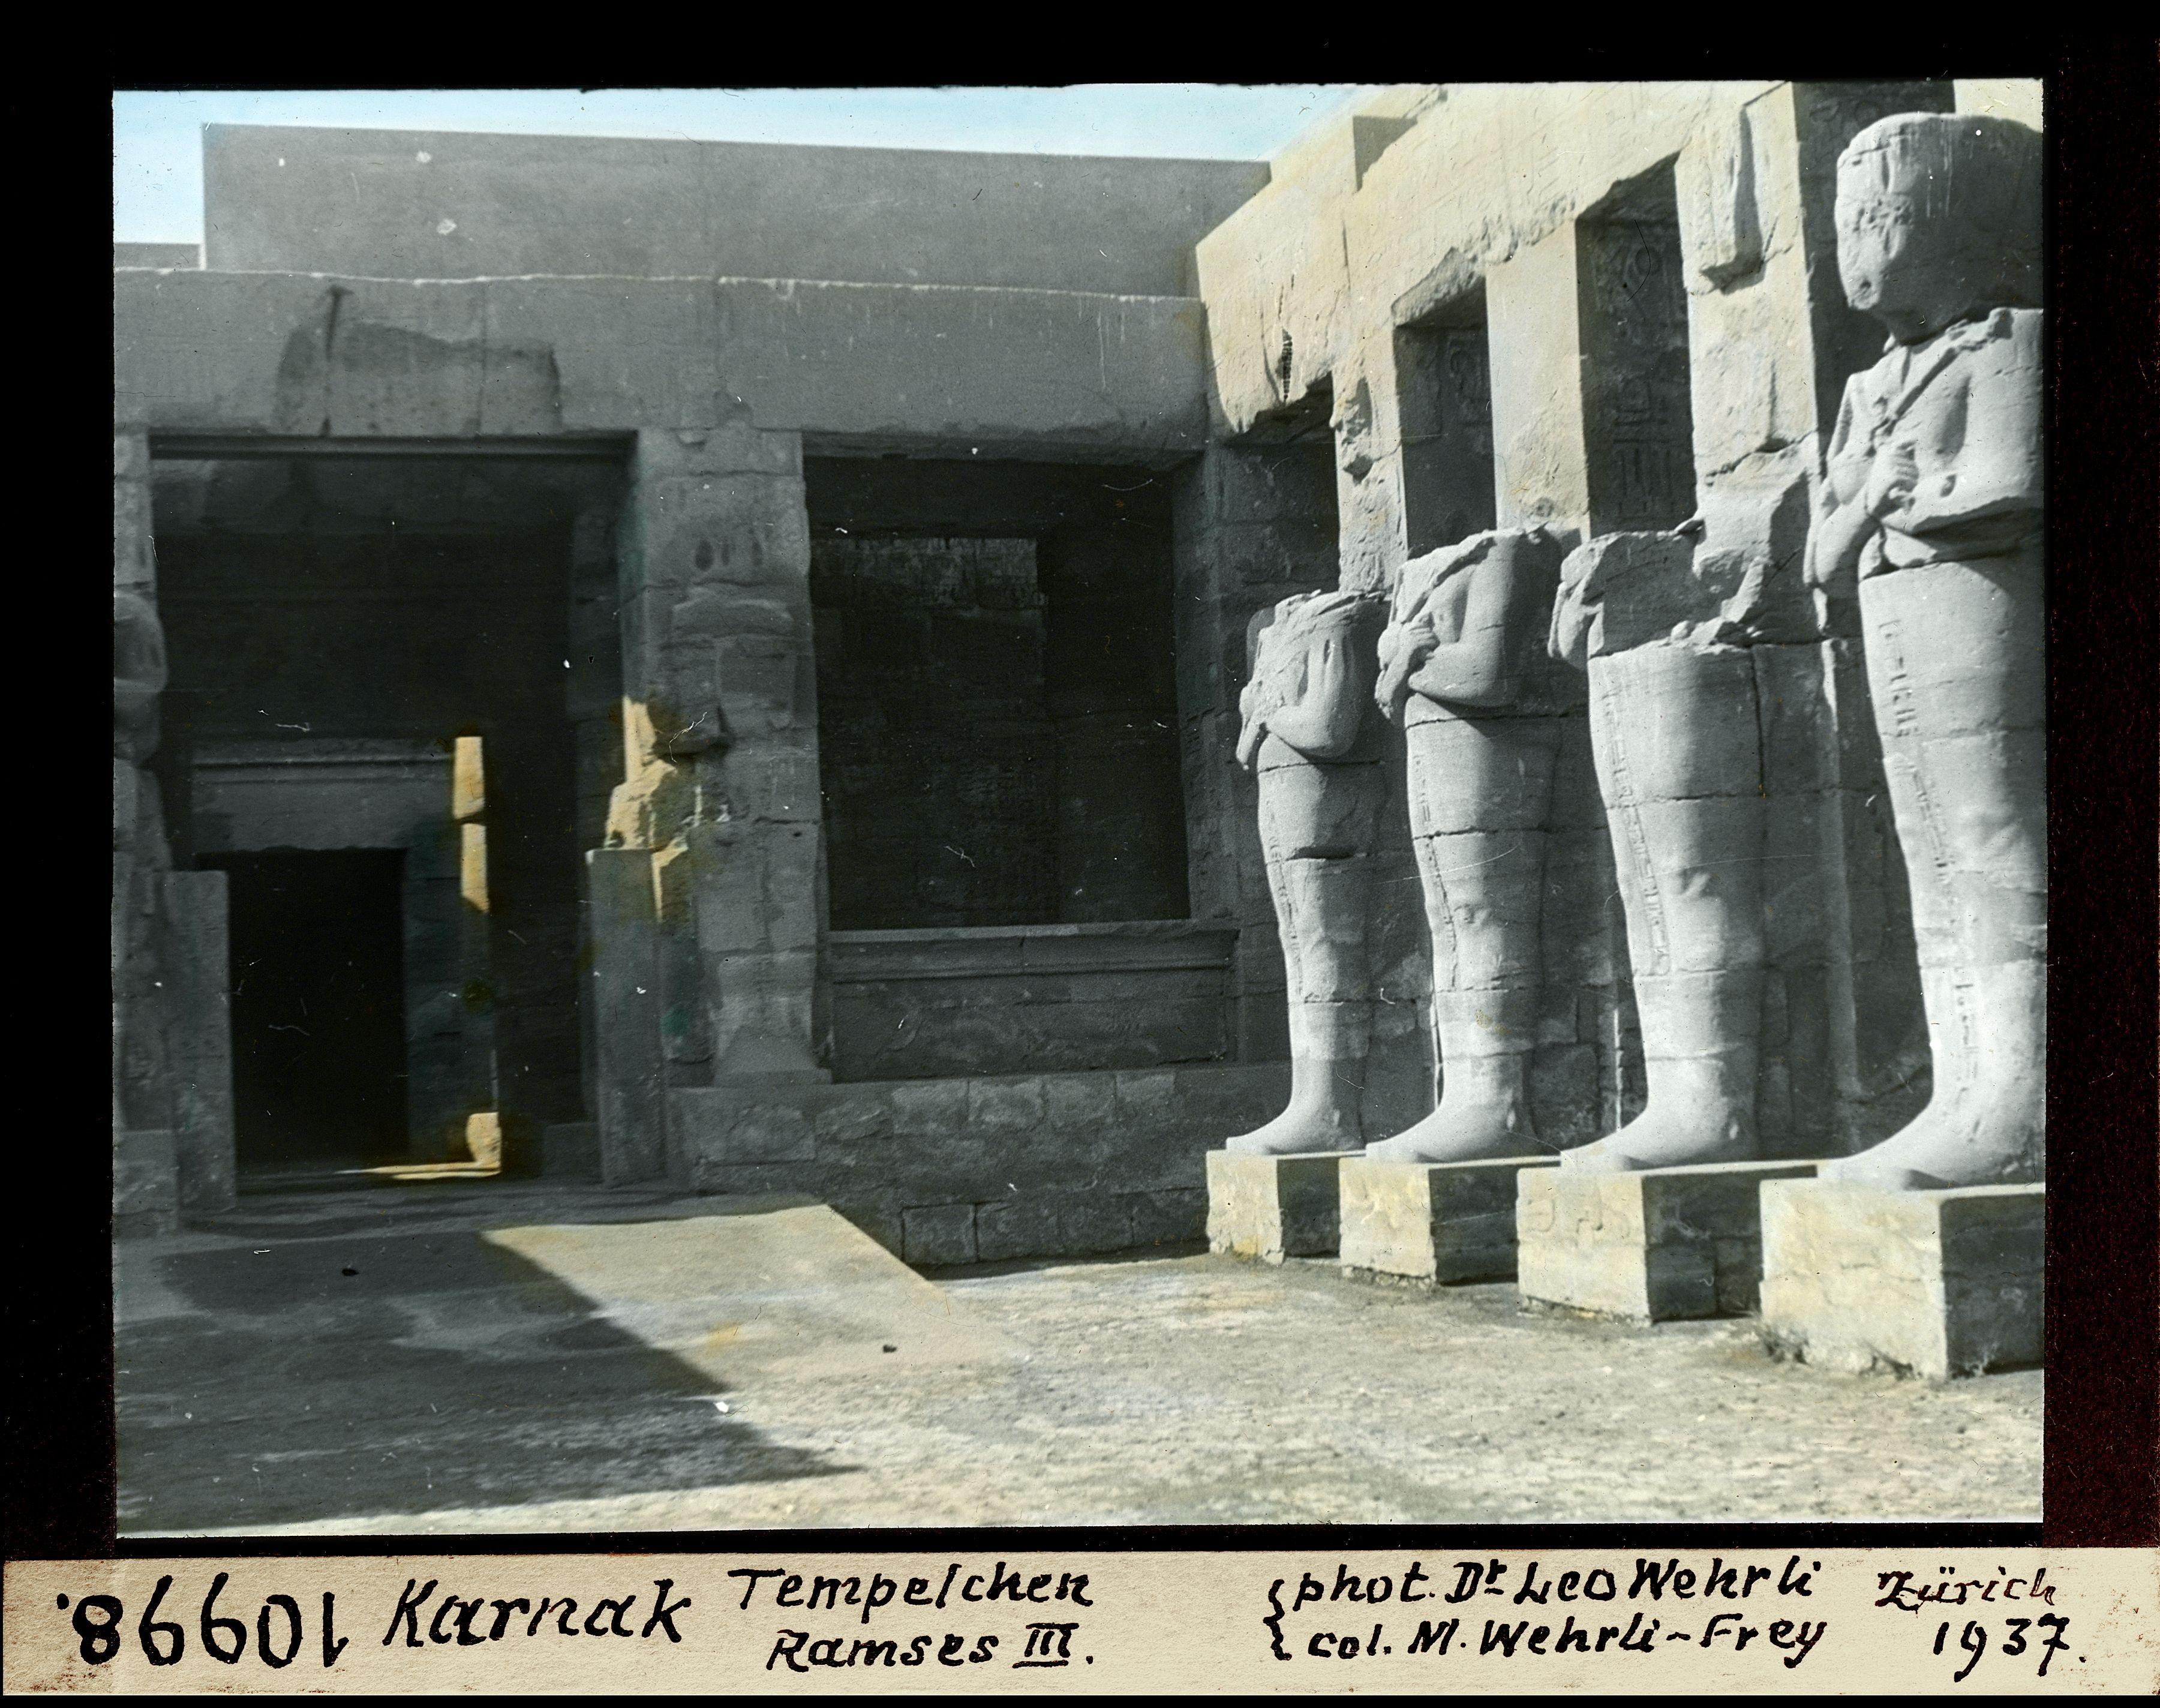 Храм Рамсеса III